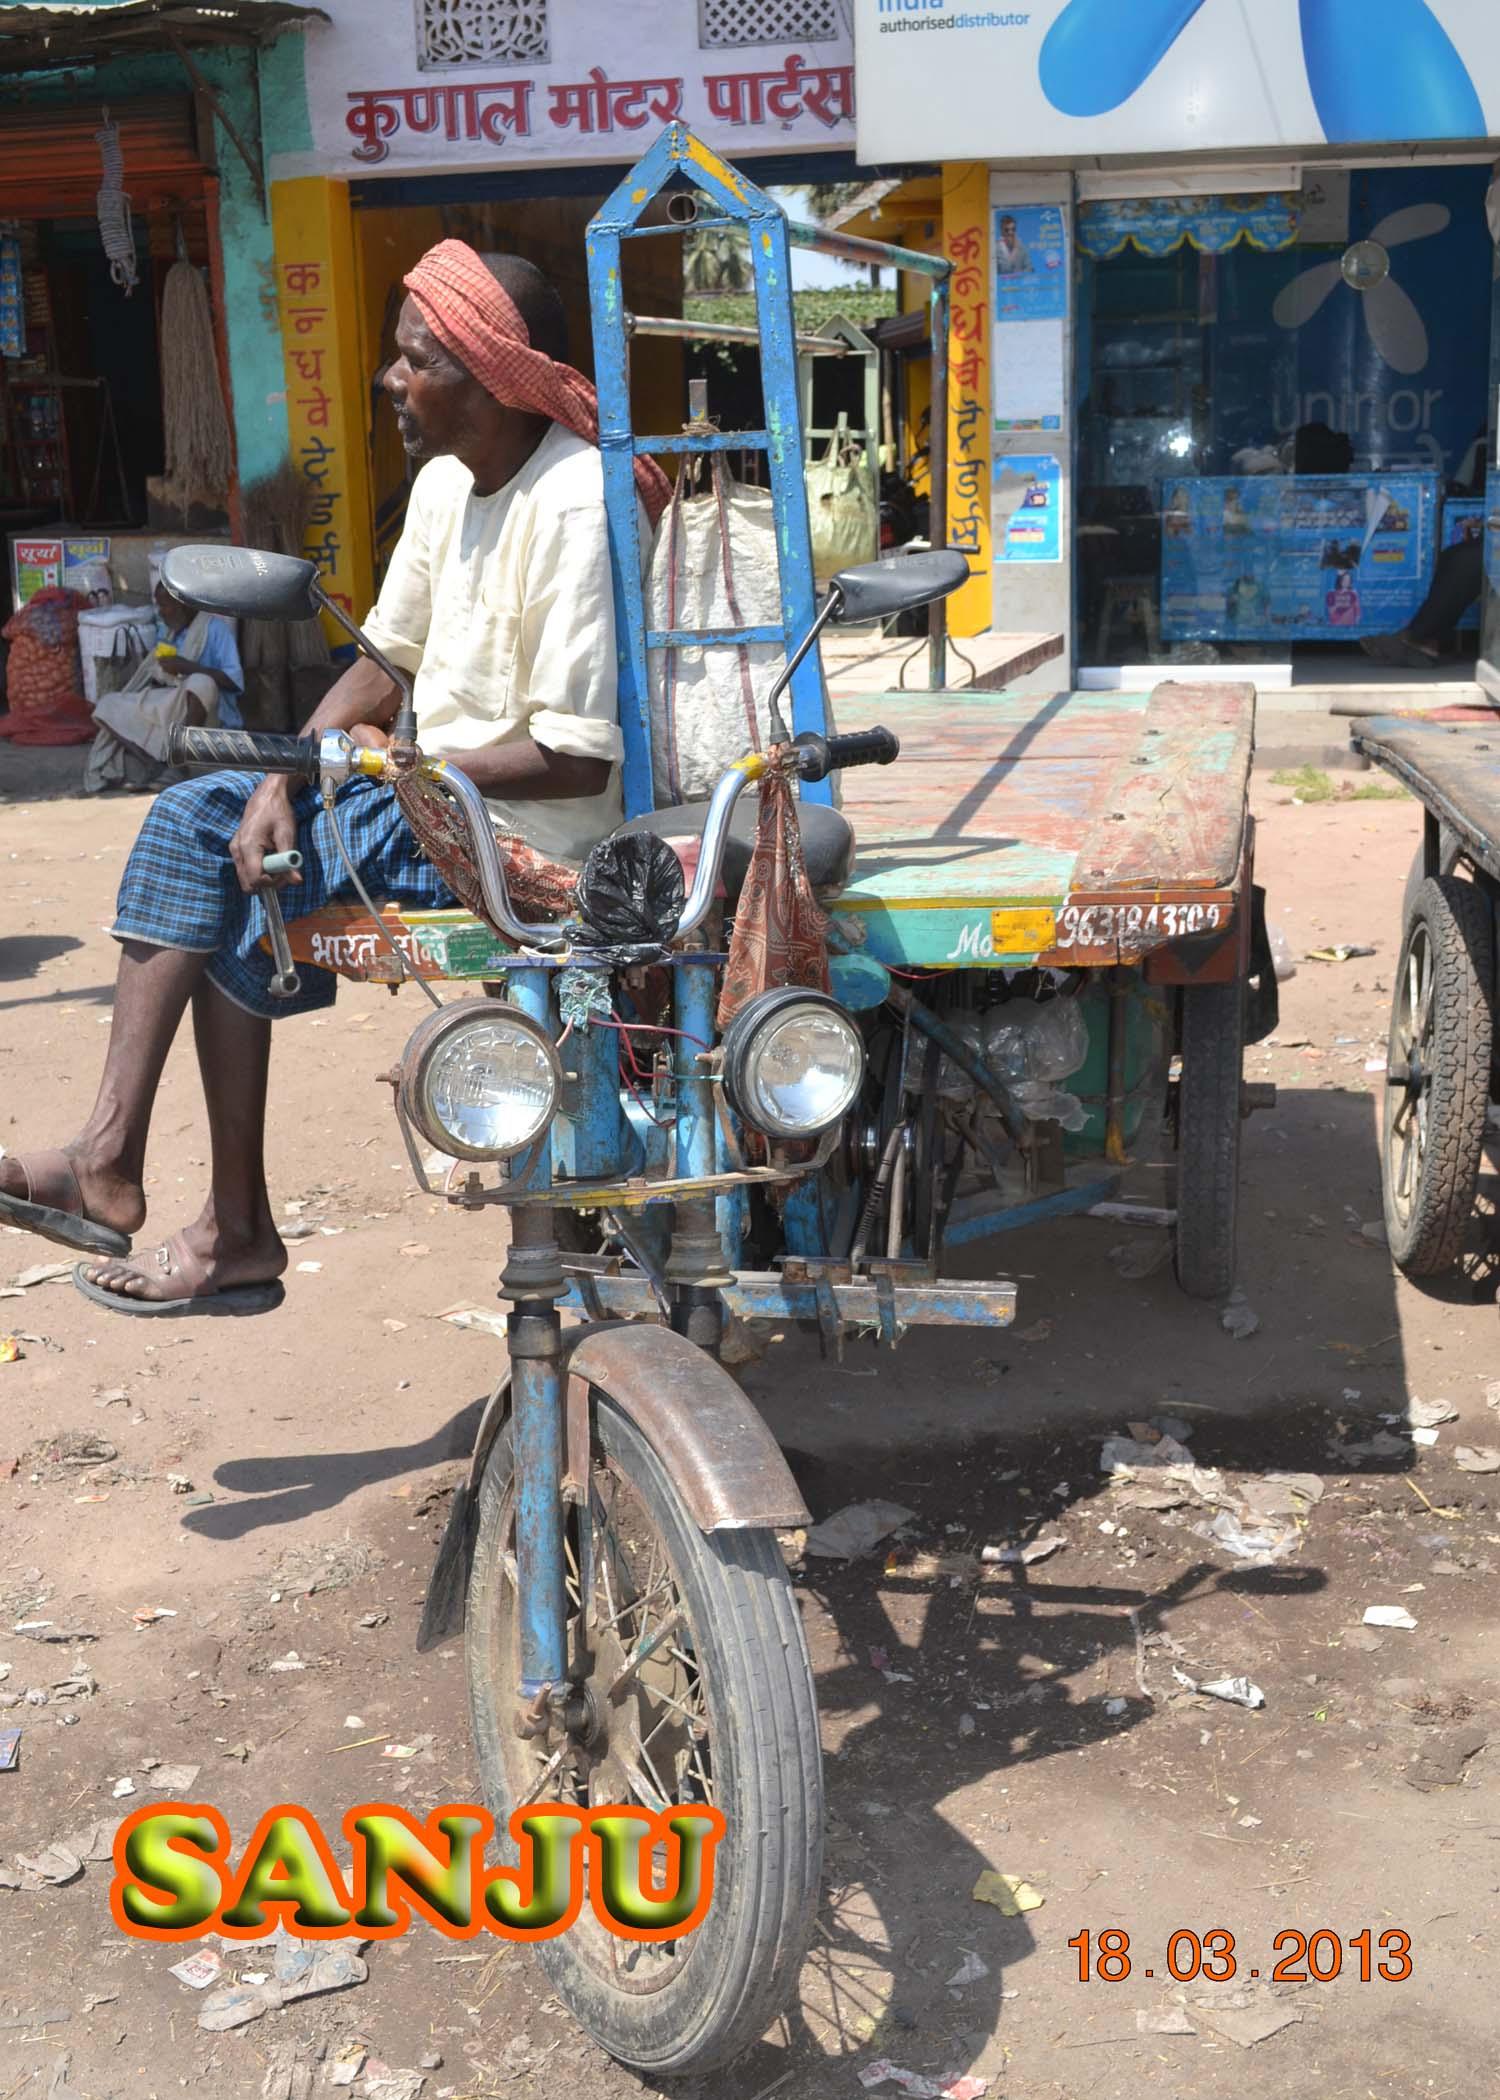 अतिशय जुनी, खराब अशी वाहतूक सायकल